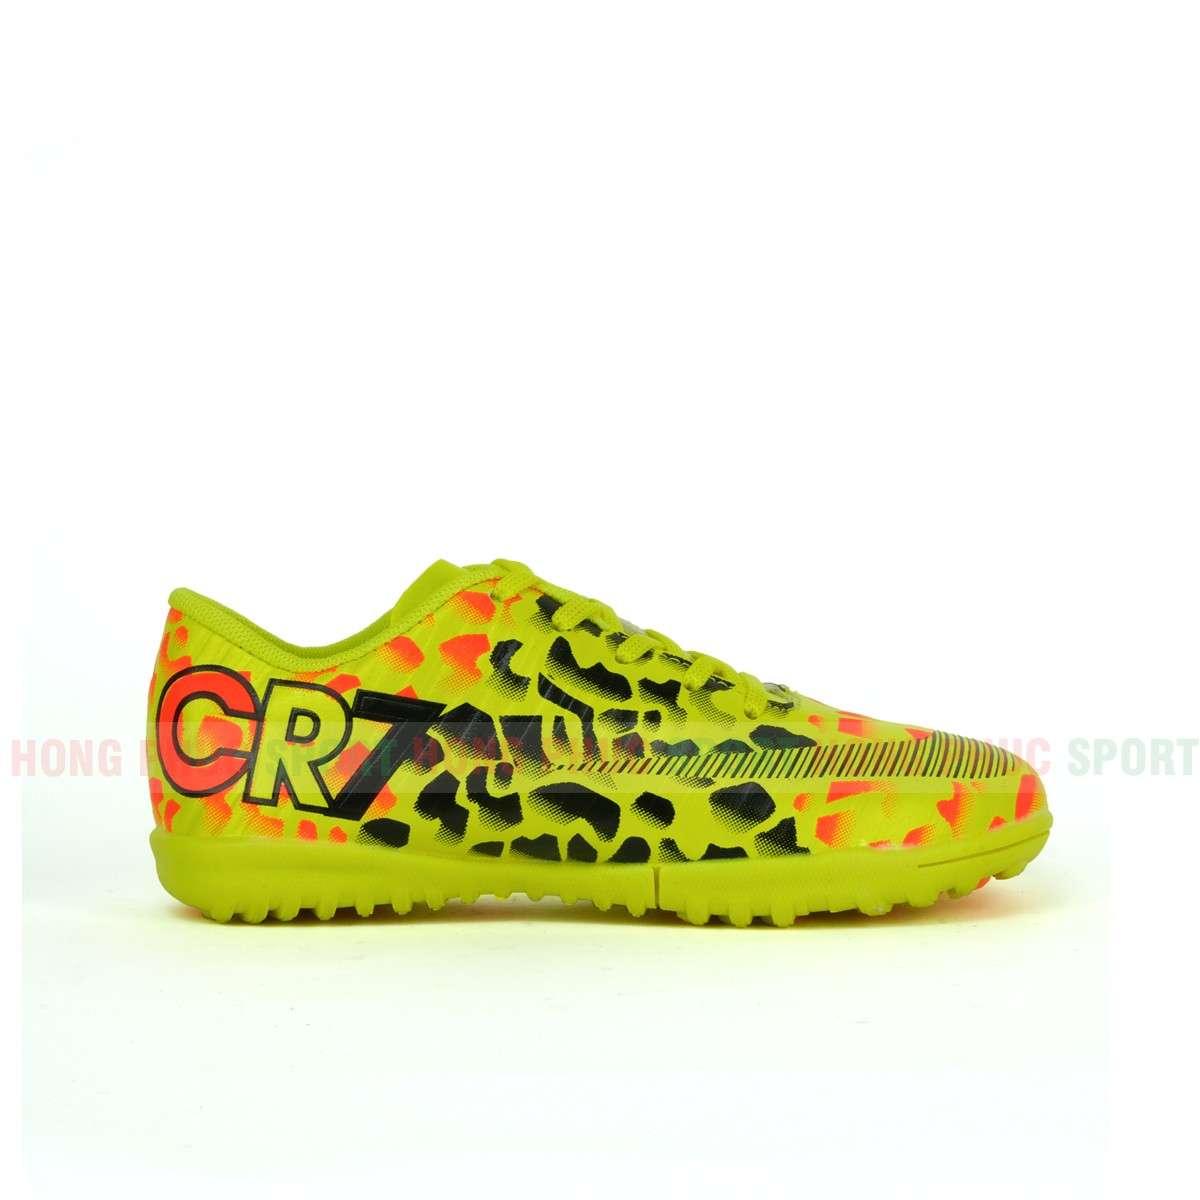 Giày đá bóng CR7 KIDS TF YELLOW-Má ngoài